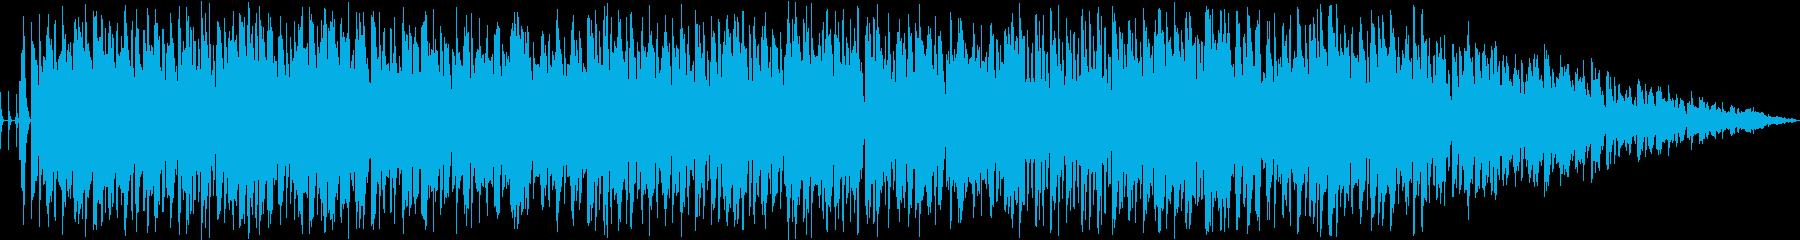 動画向けライトなポップスの再生済みの波形